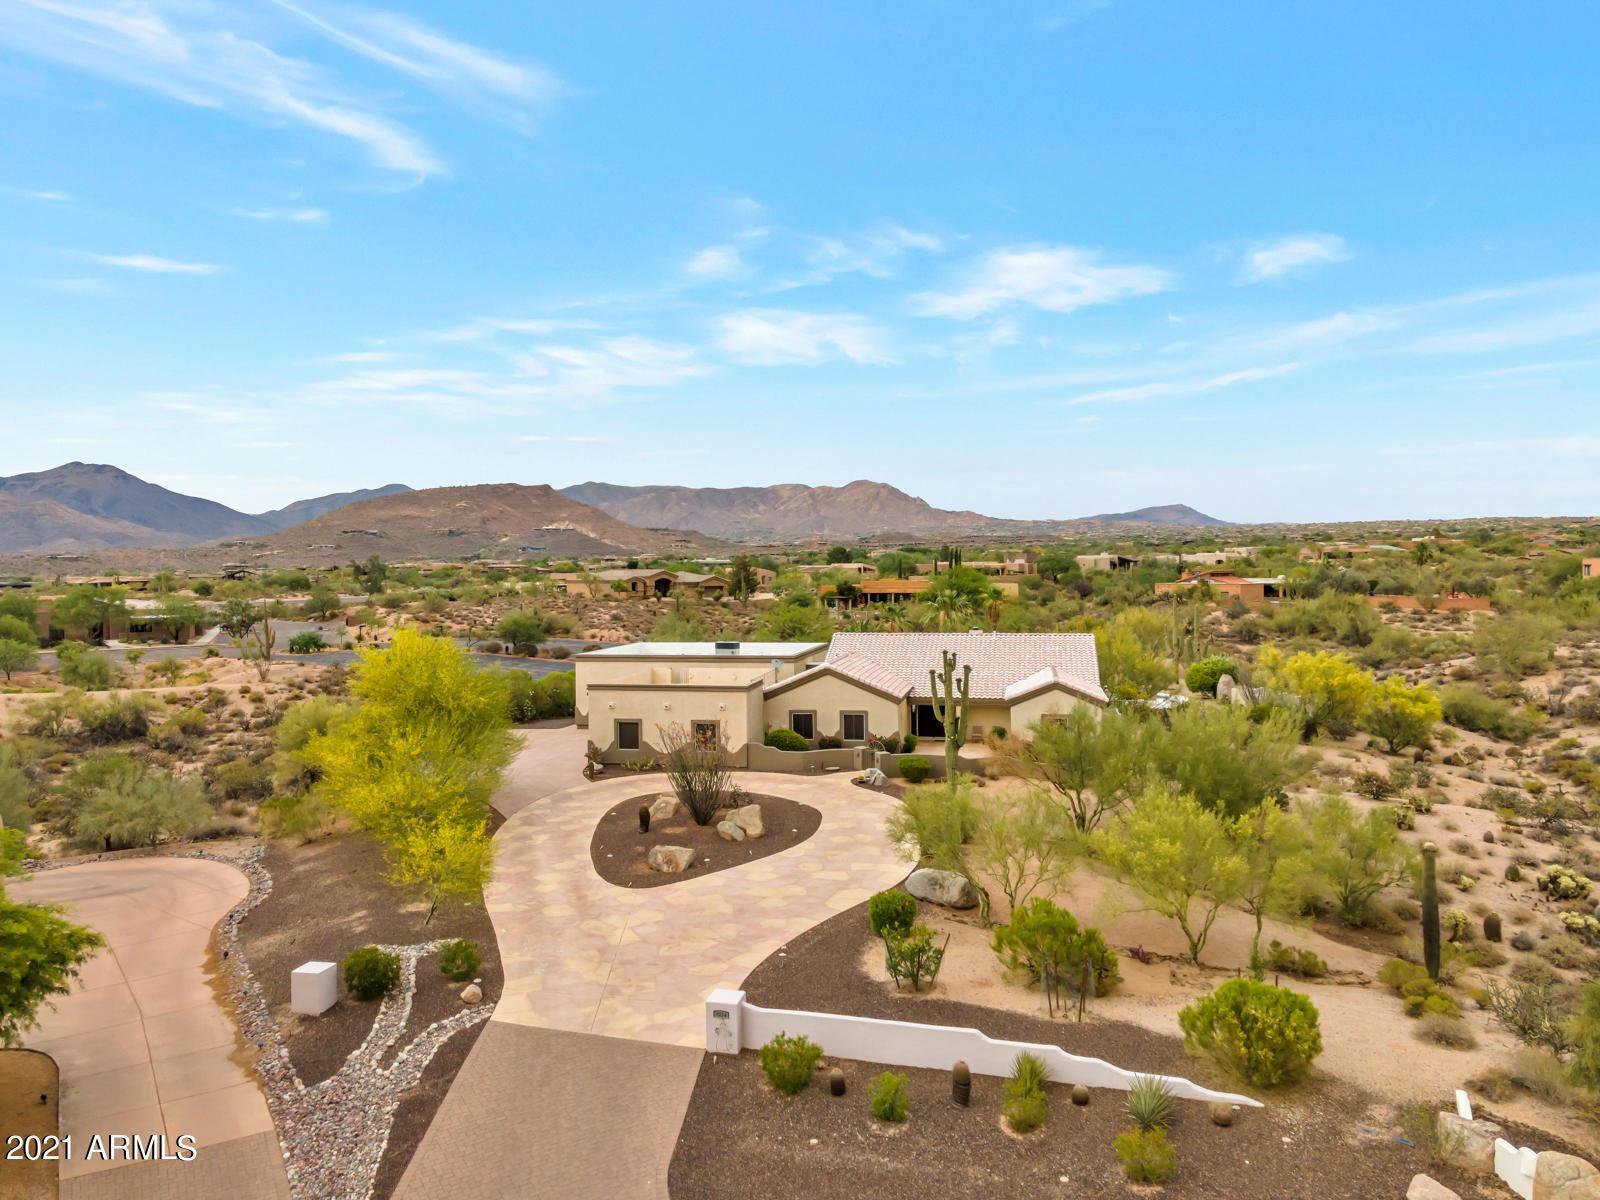 Photo of 9234 E LAZYWOOD Place, Carefree, AZ 85377 (MLS # 6251295)